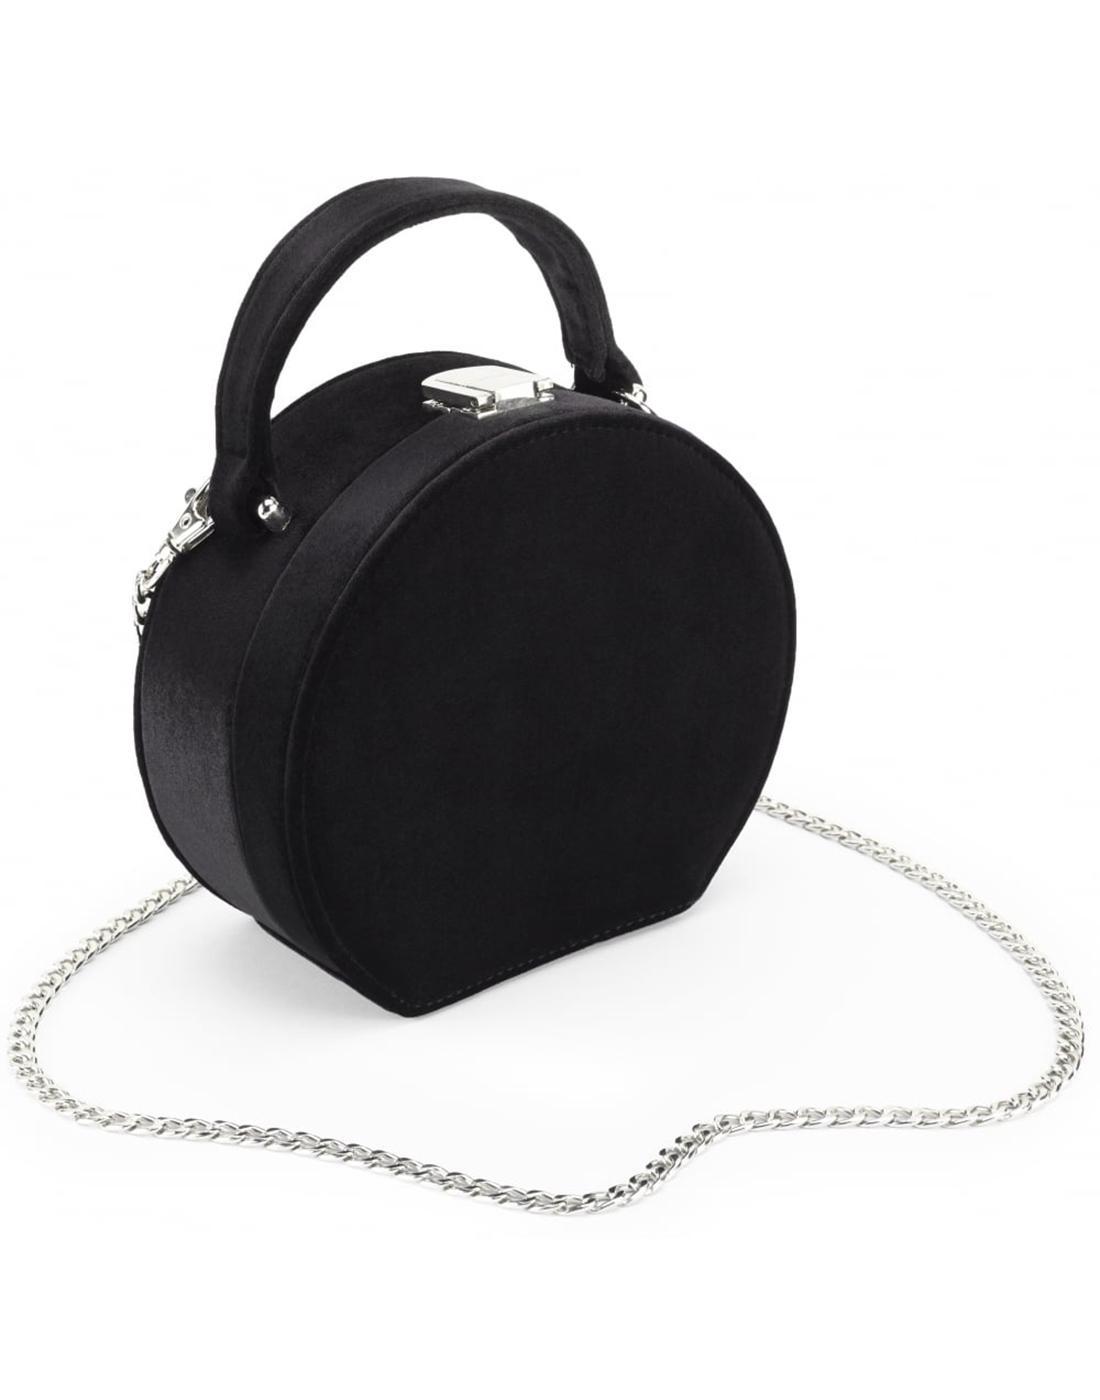 Oracle JOE BROWNS Vintage Velvet Box Handbag Black